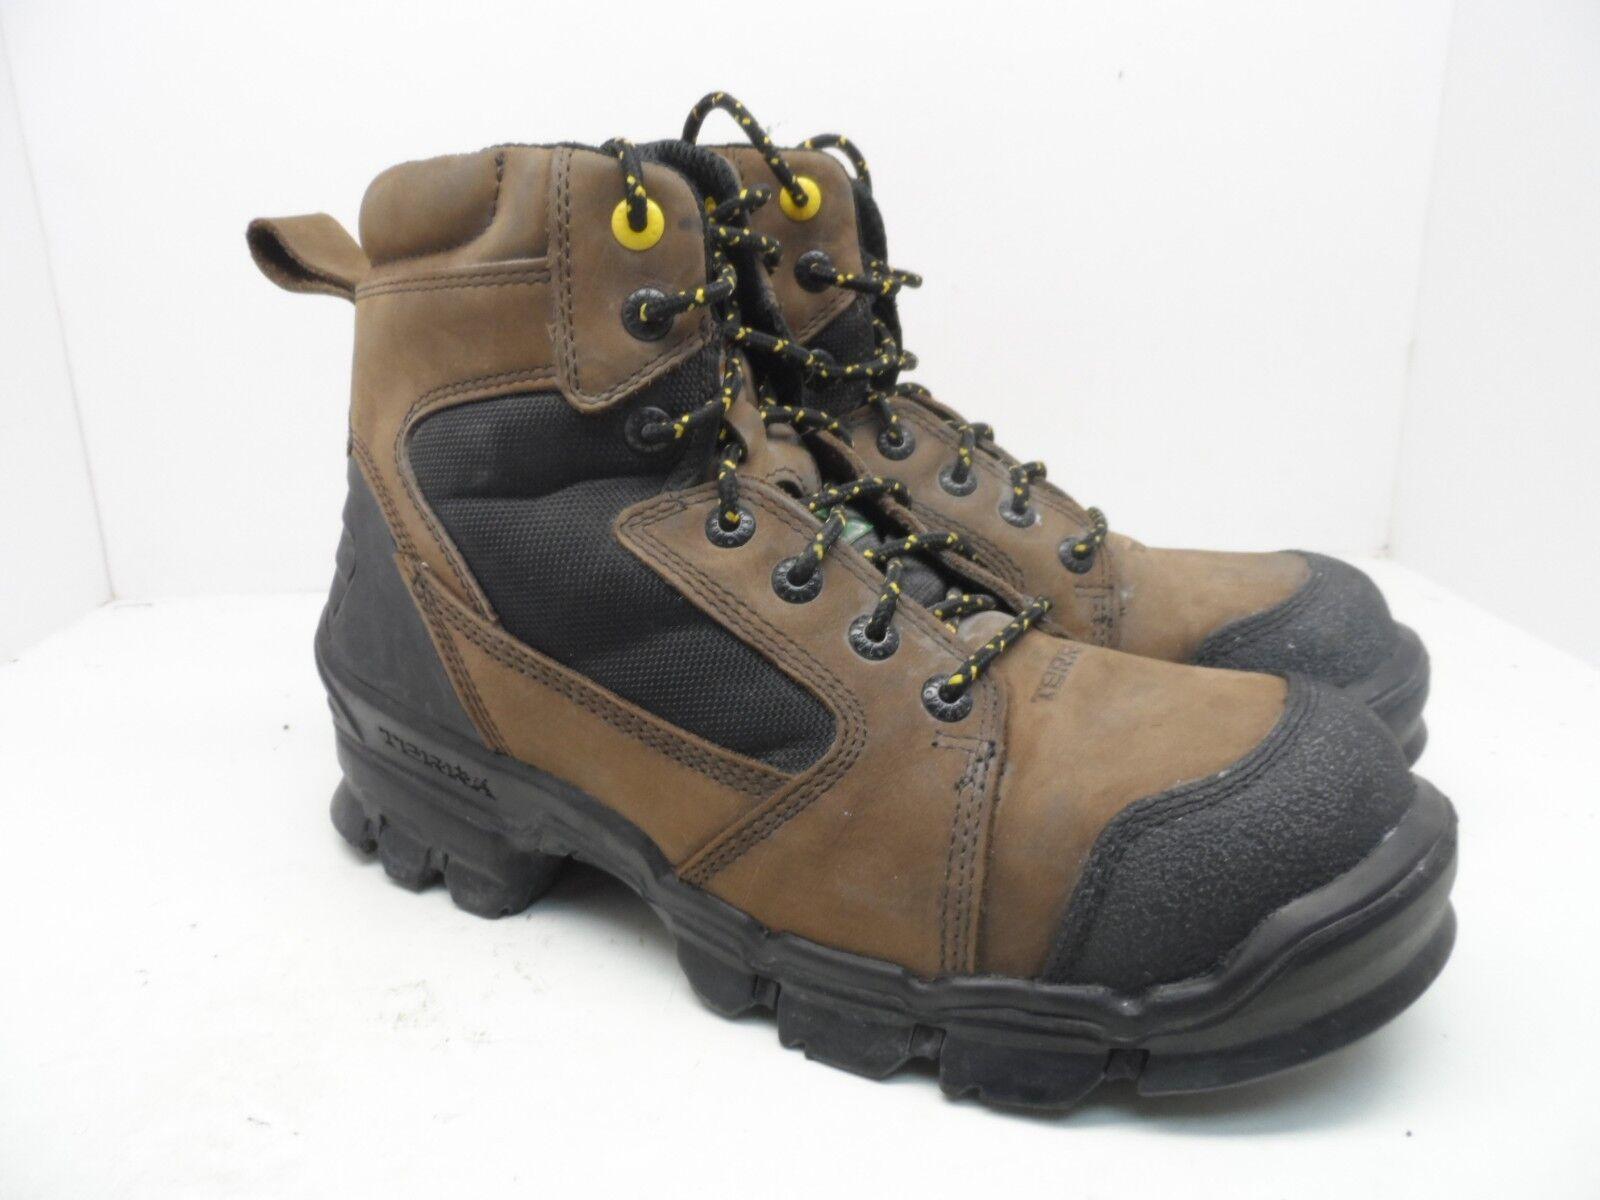 Terra Men's 6  Zephyr Composite Toe Work Boot Brown Size 10M